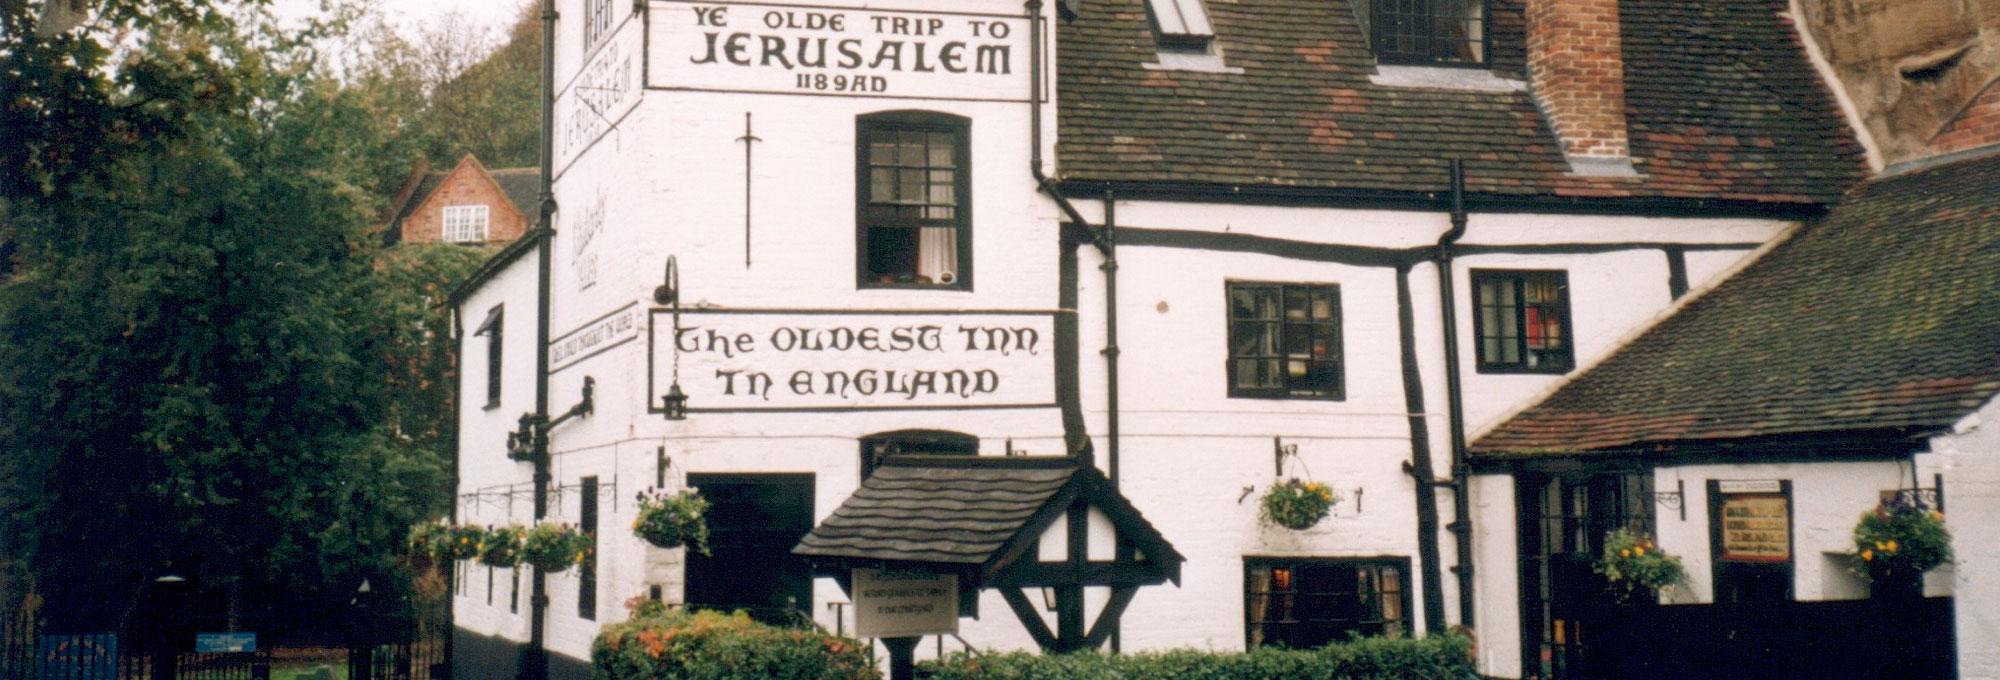 ye old trip to jerusalem